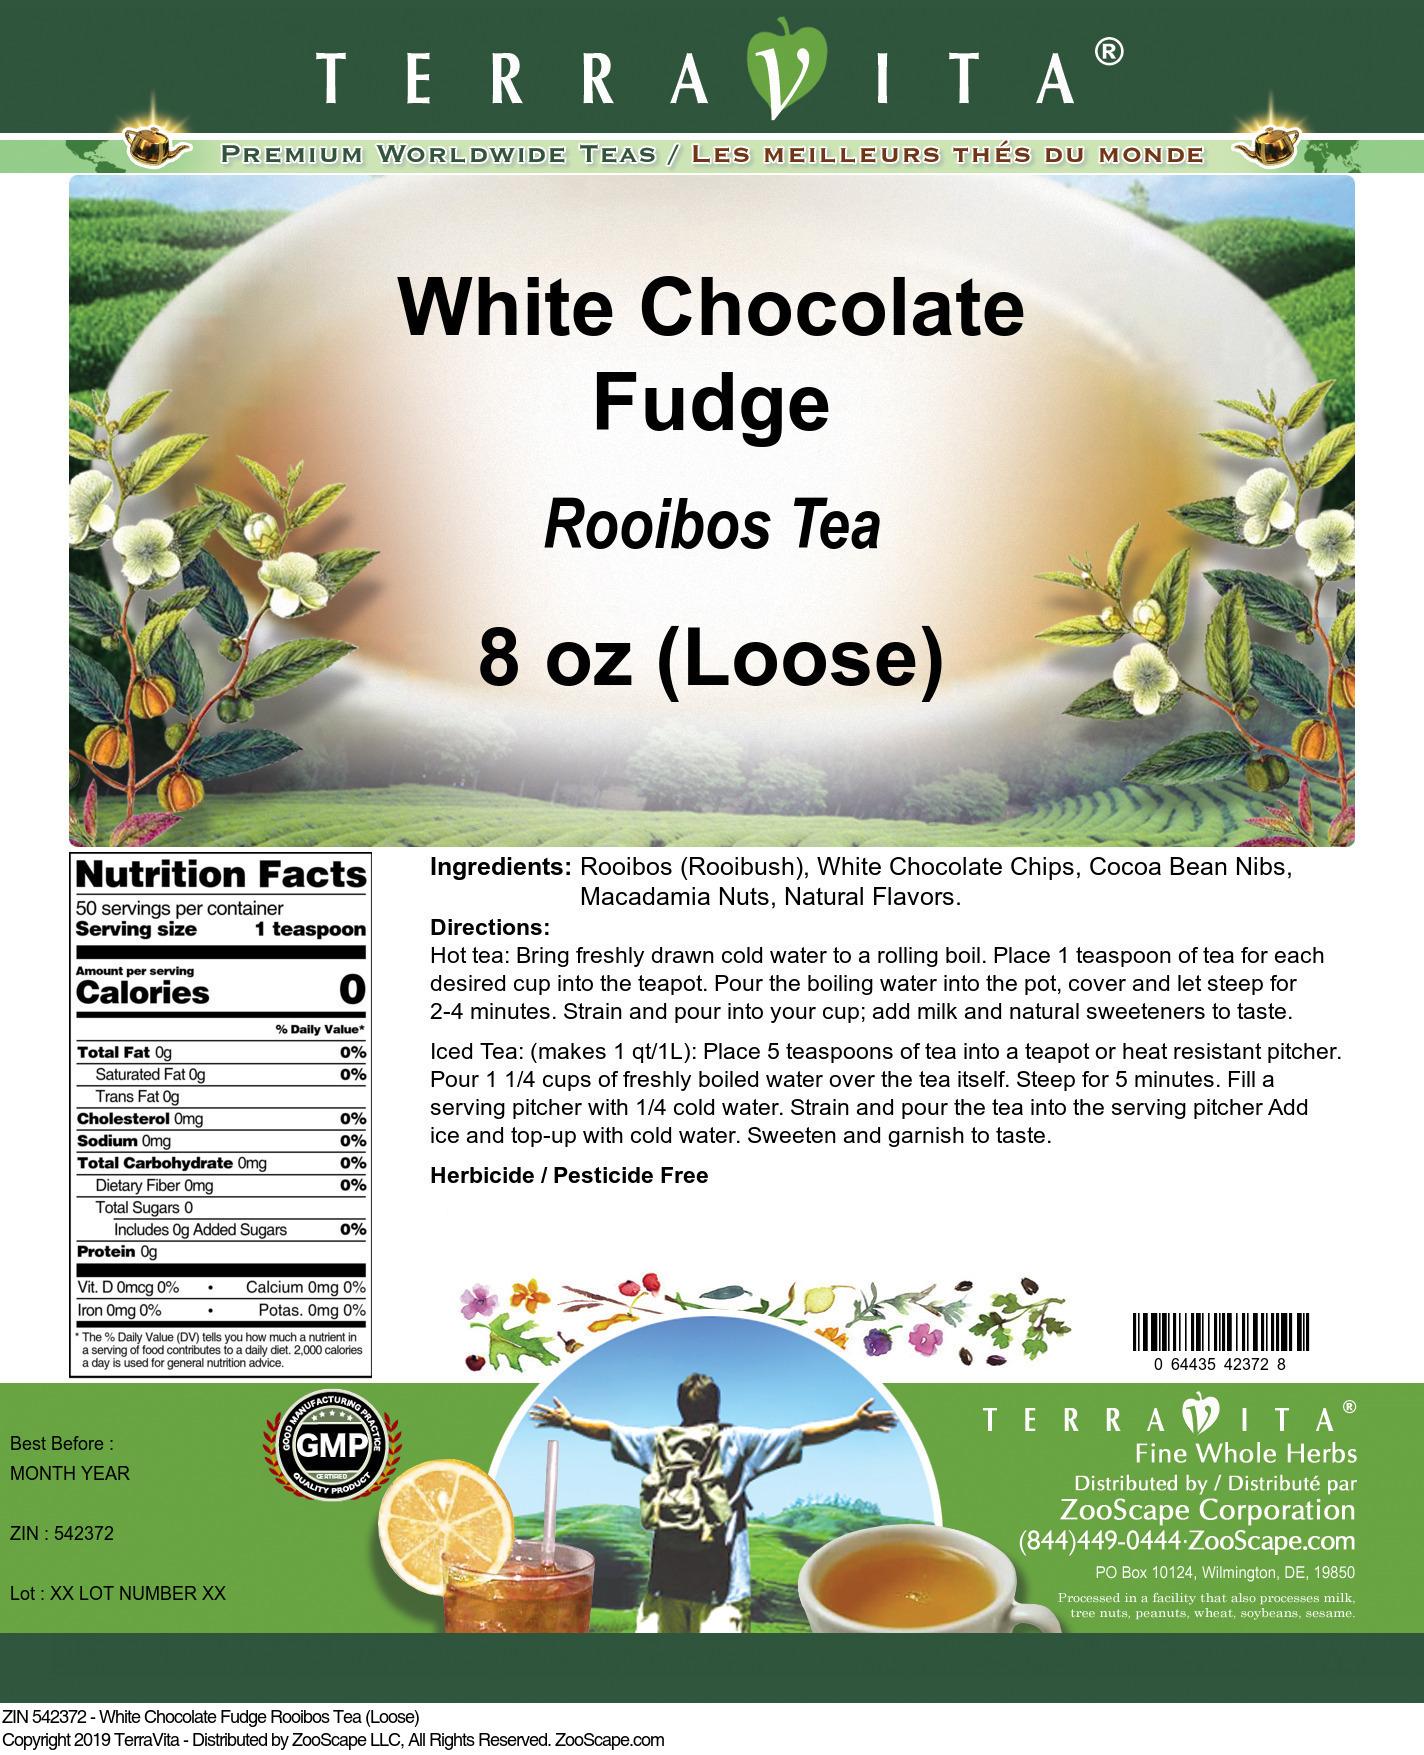 White Chocolate Fudge Rooibos Tea (Loose)